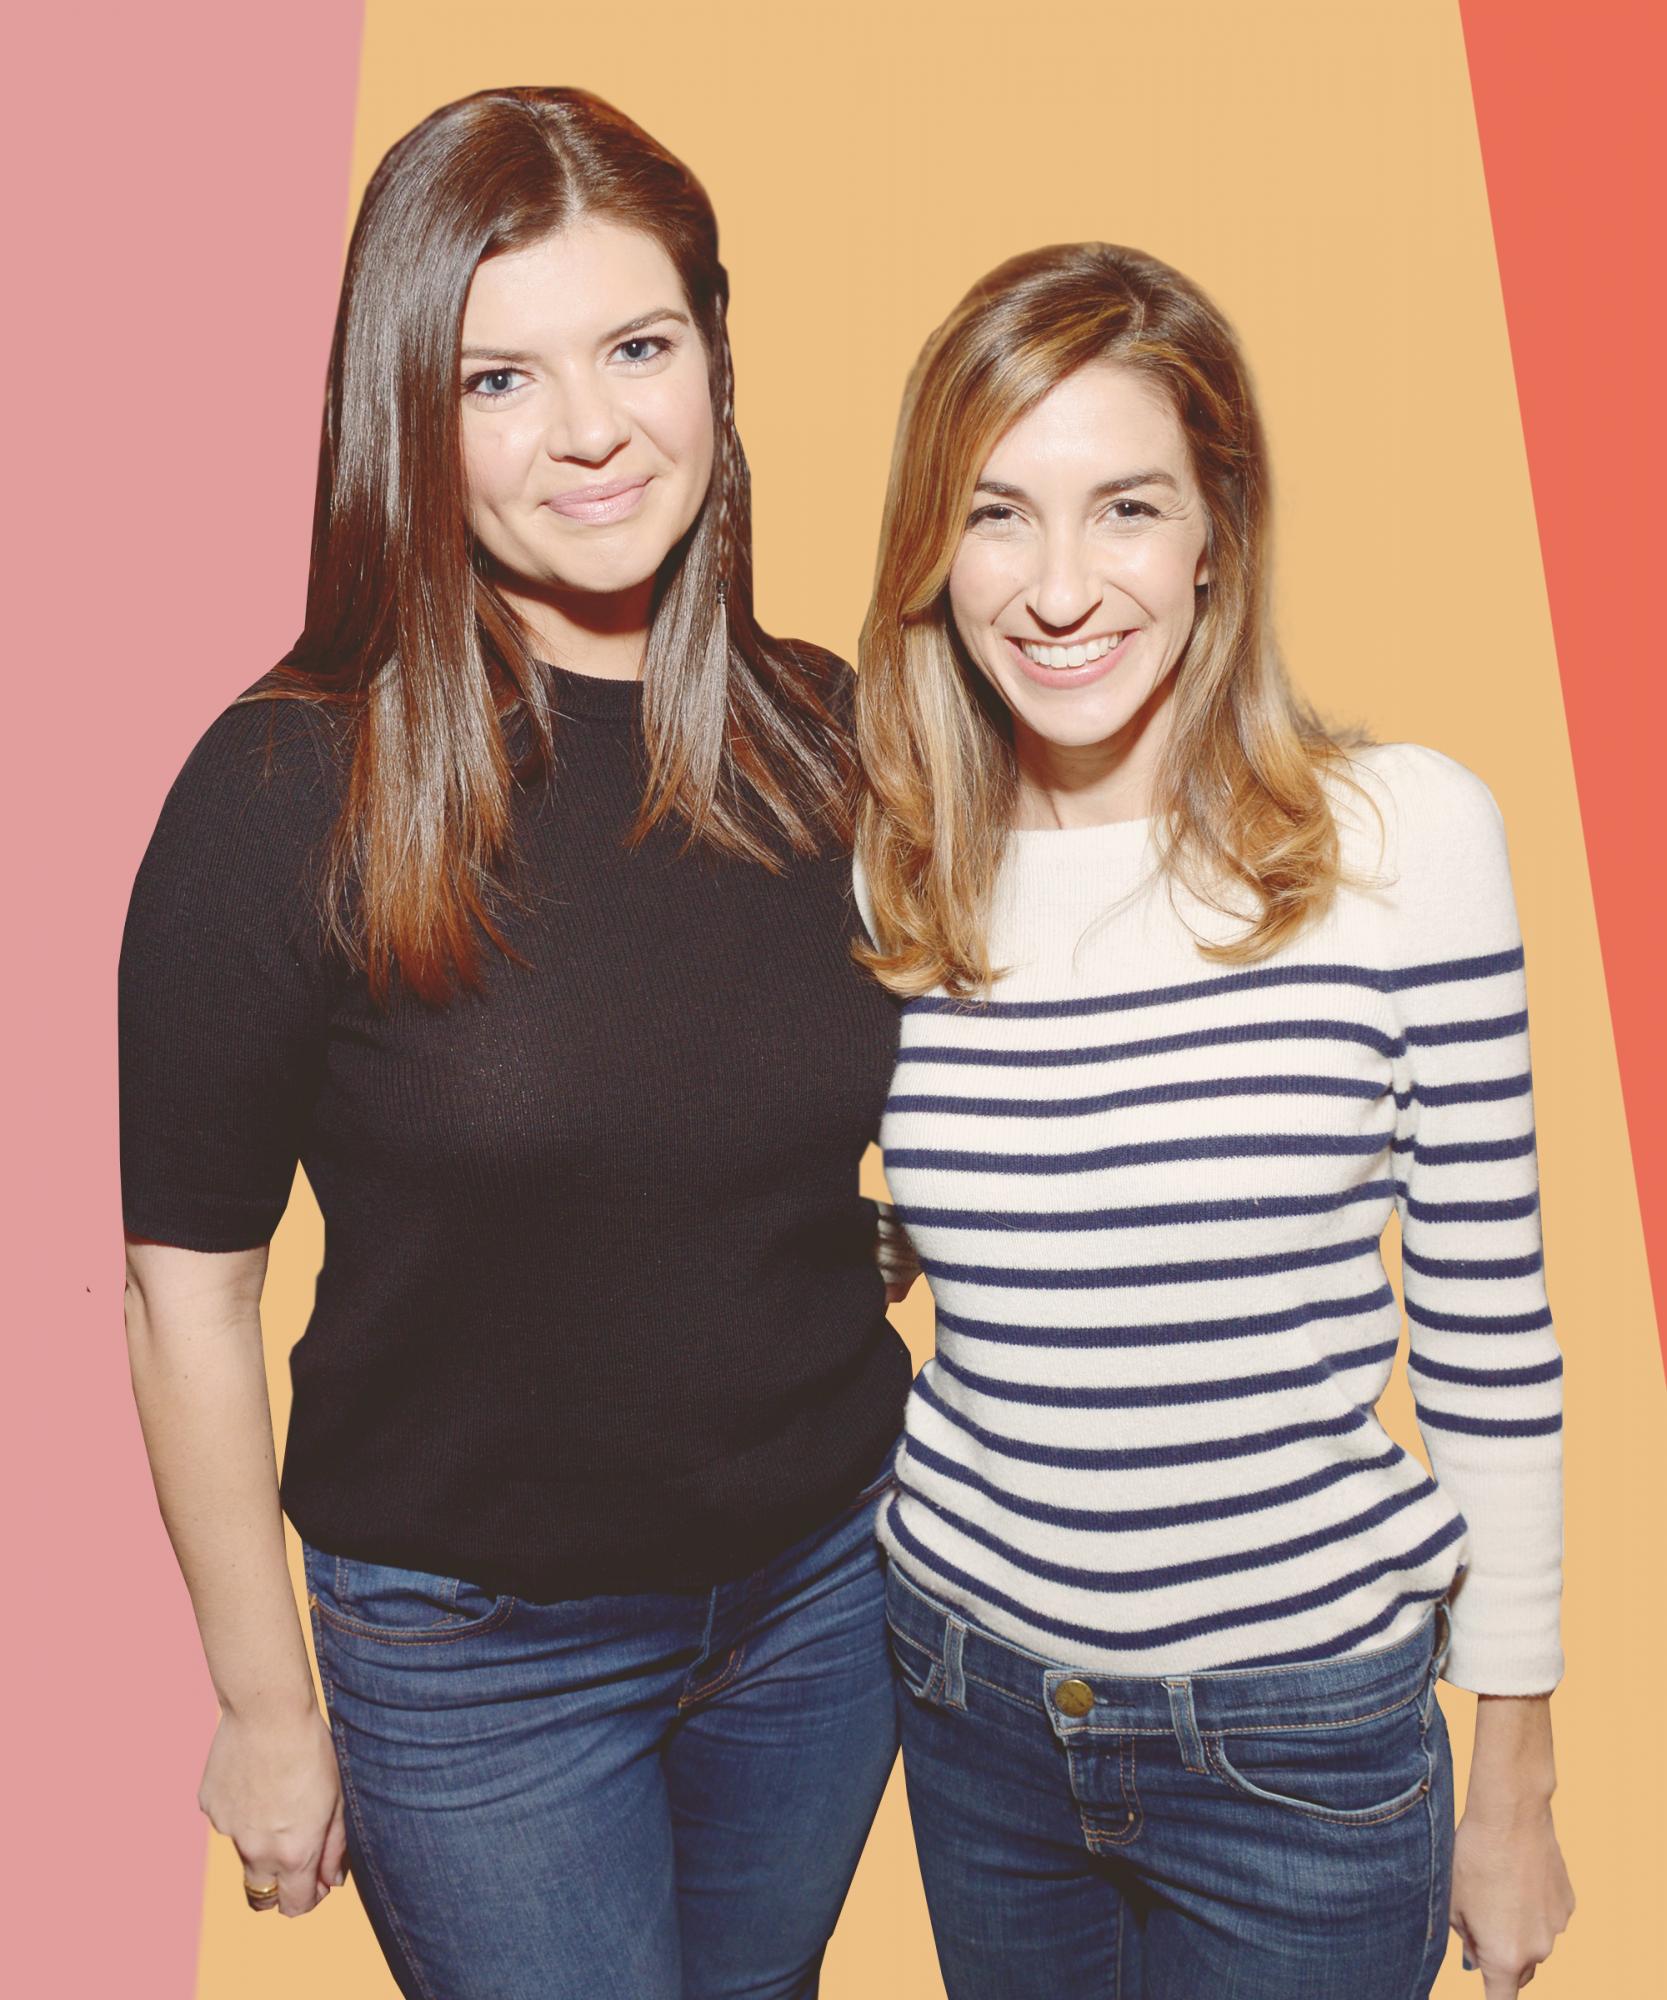 Casey-Wilson-and-Danielle-Schneider